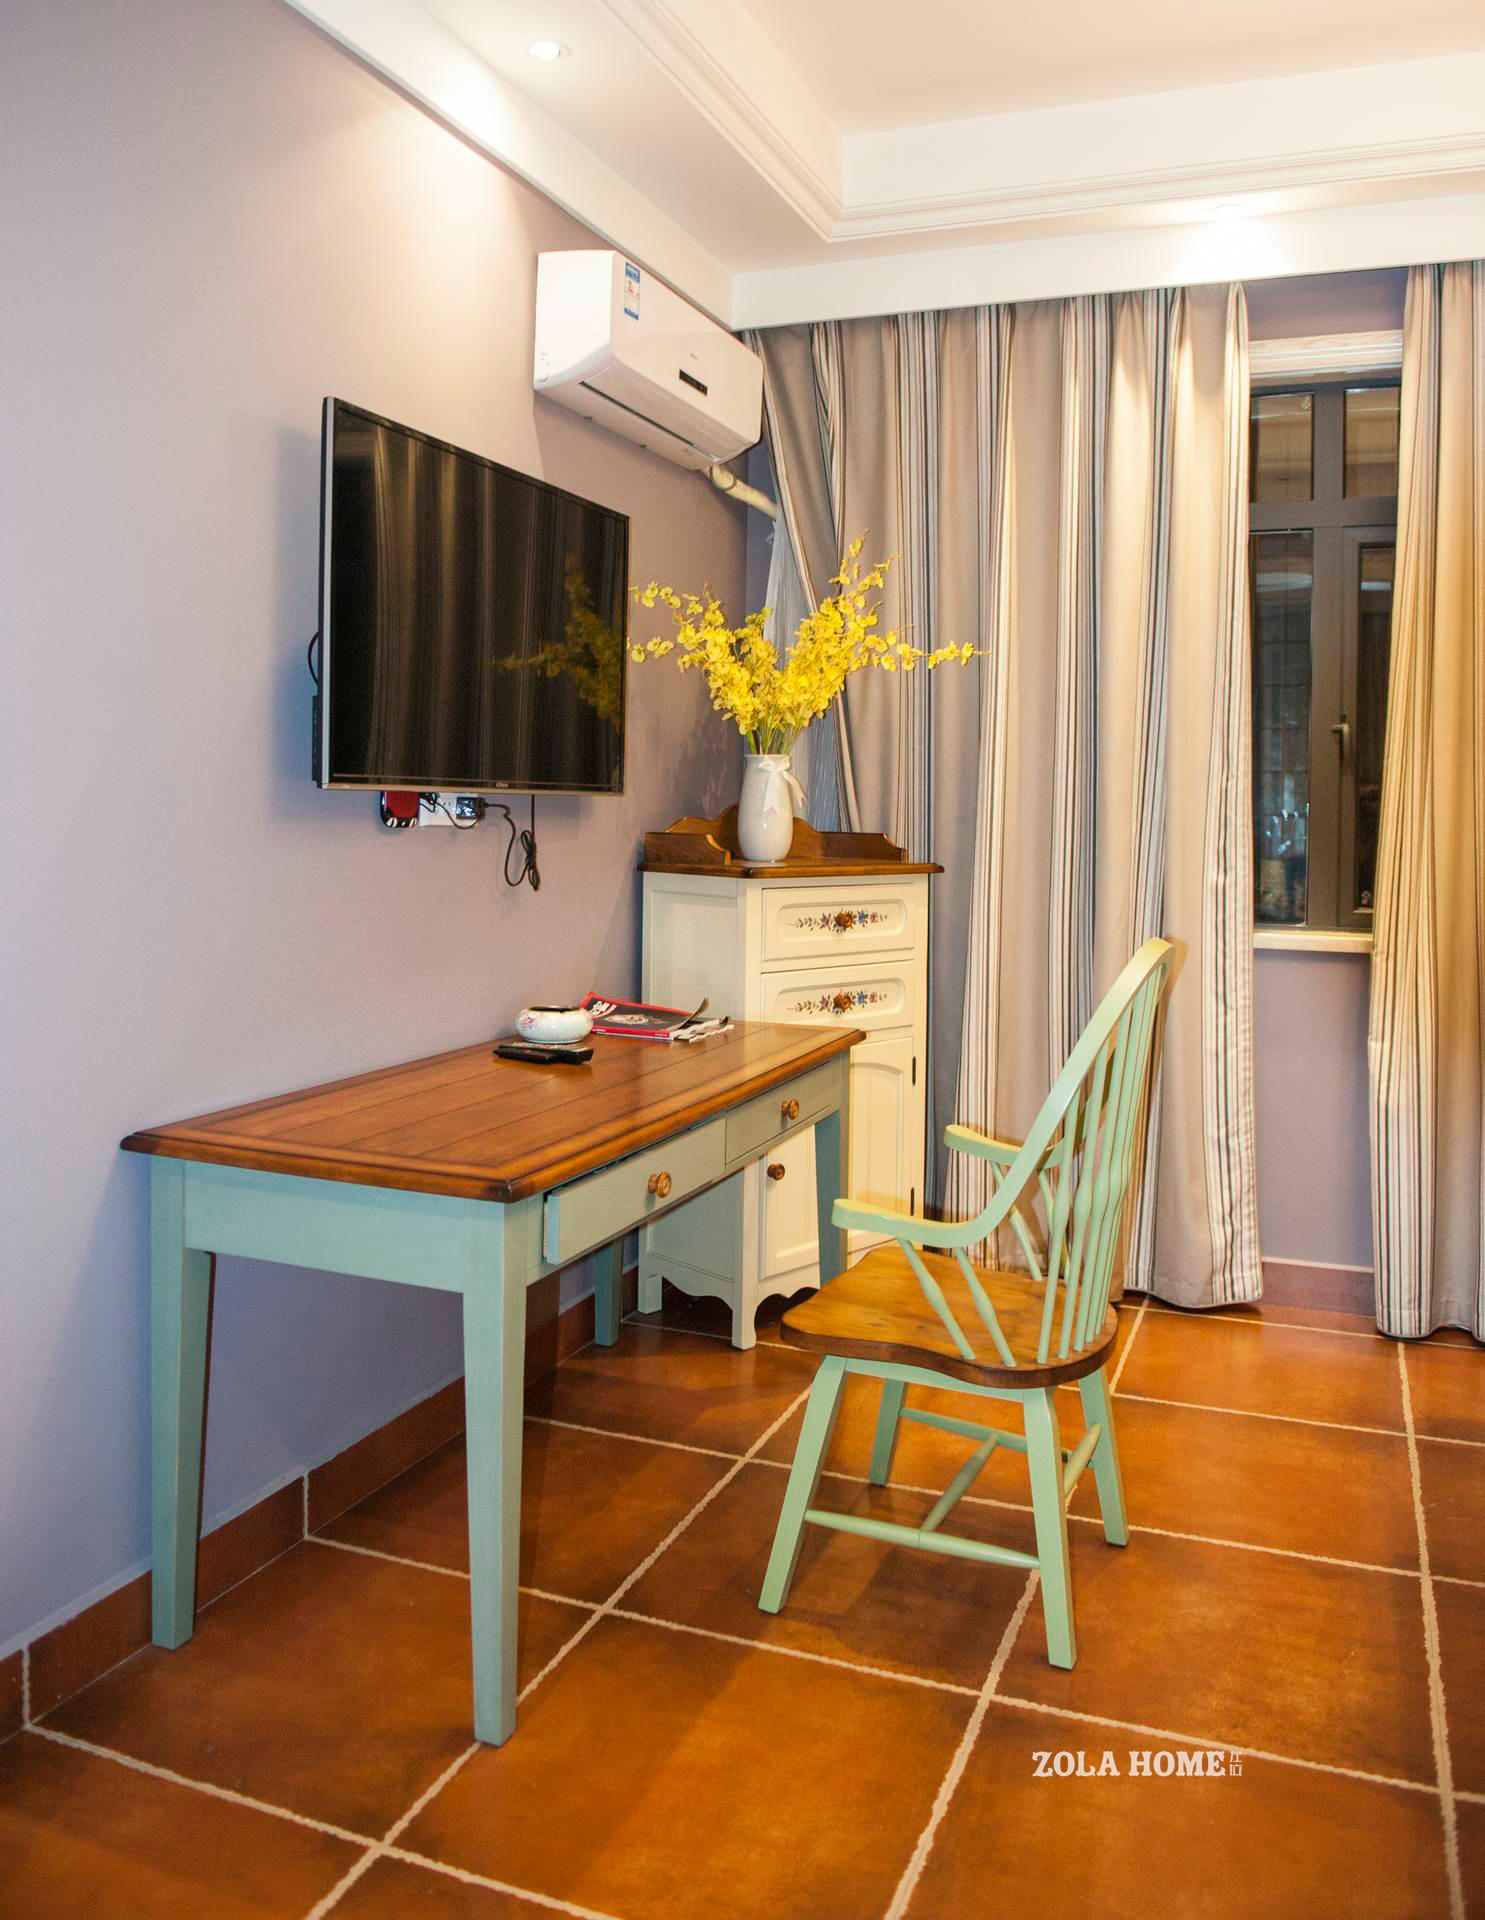 美式风格民宿装修书桌椅布置图